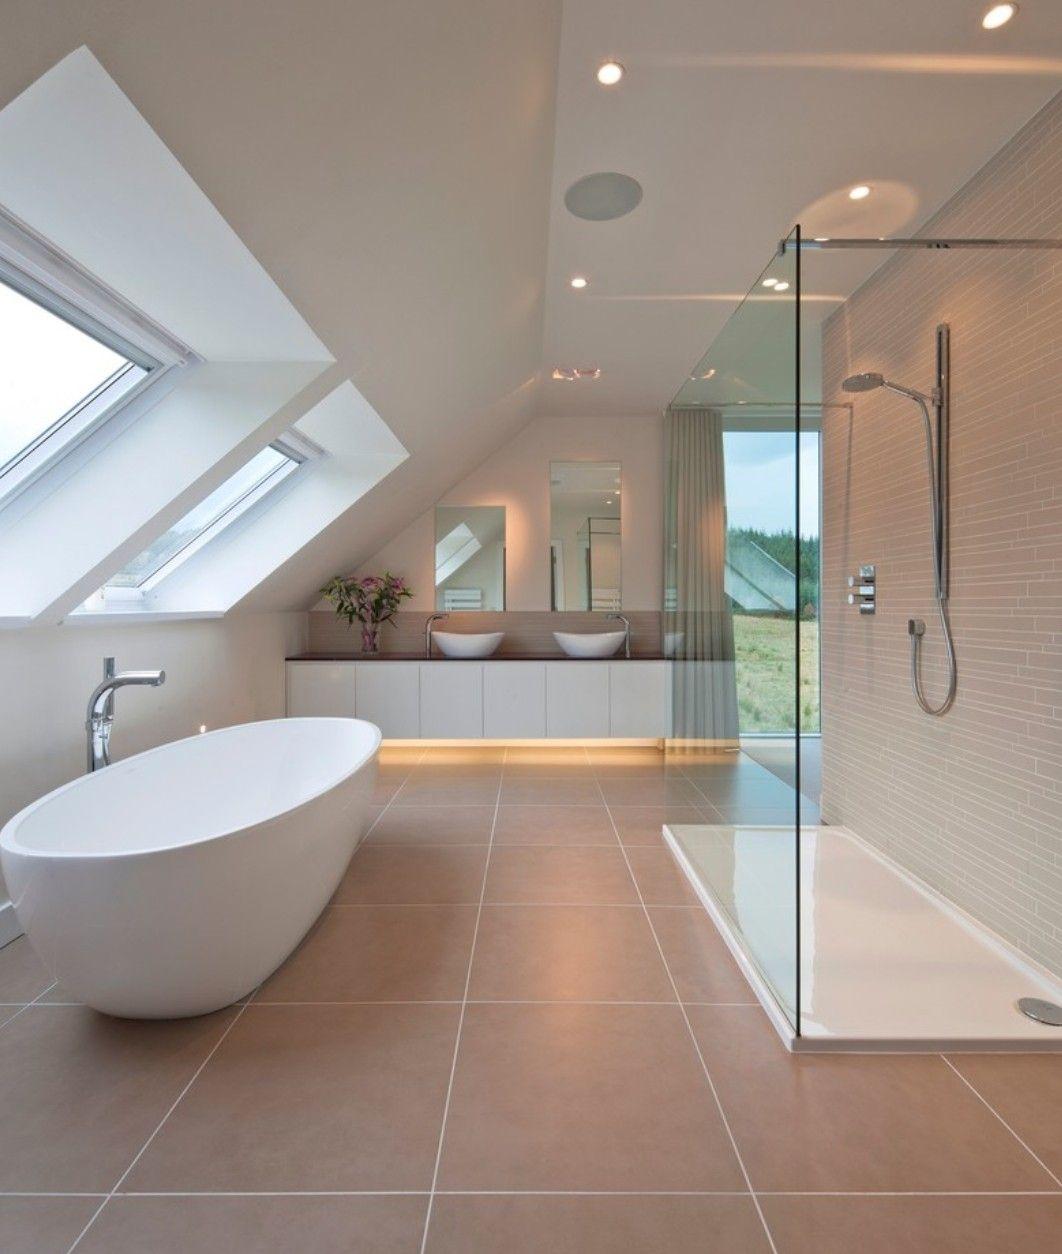 Badezimmer ideen marine badezimmer mit dachschräge badezimmerideen badewanne  badideen